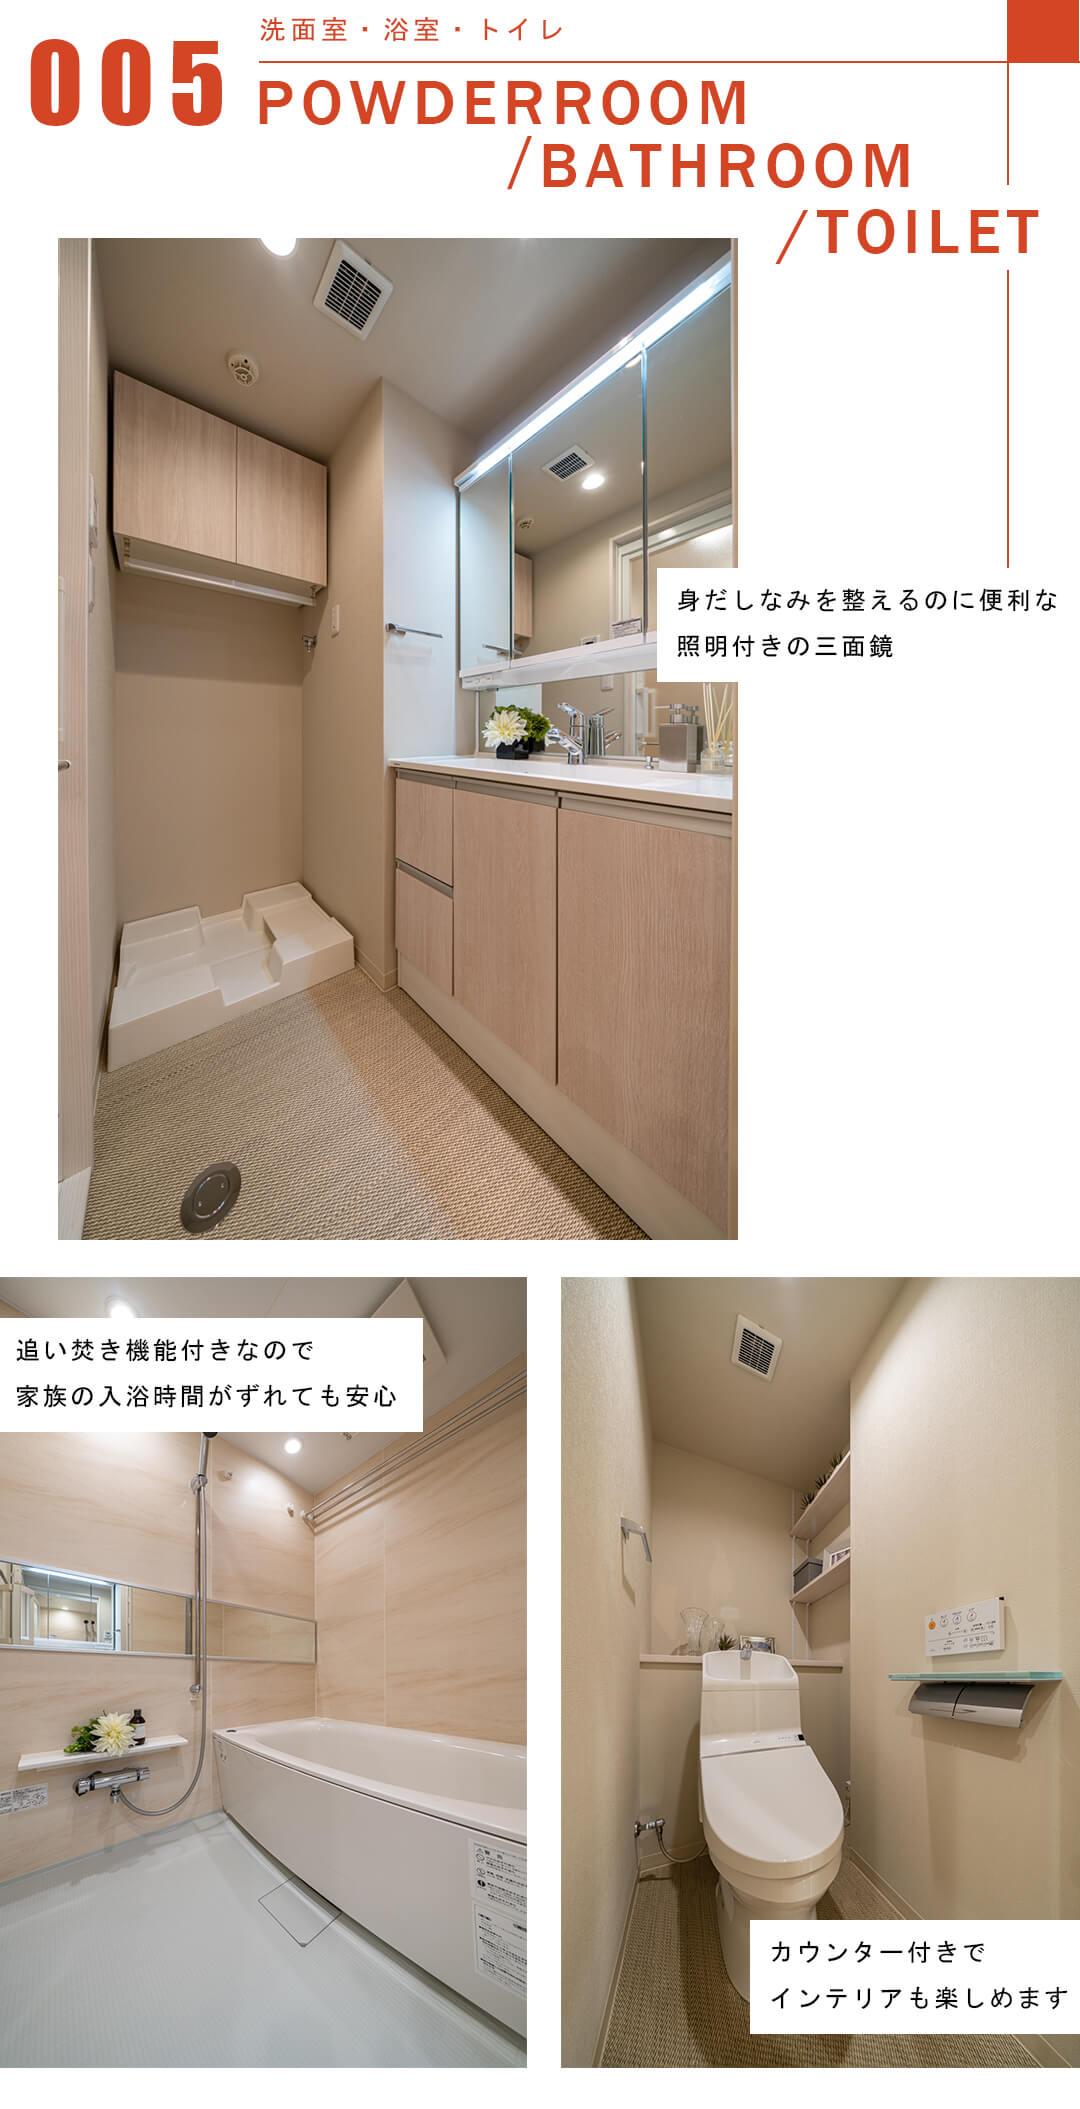 サンビューハイツ渋谷の洗面室と浴室とトイレ